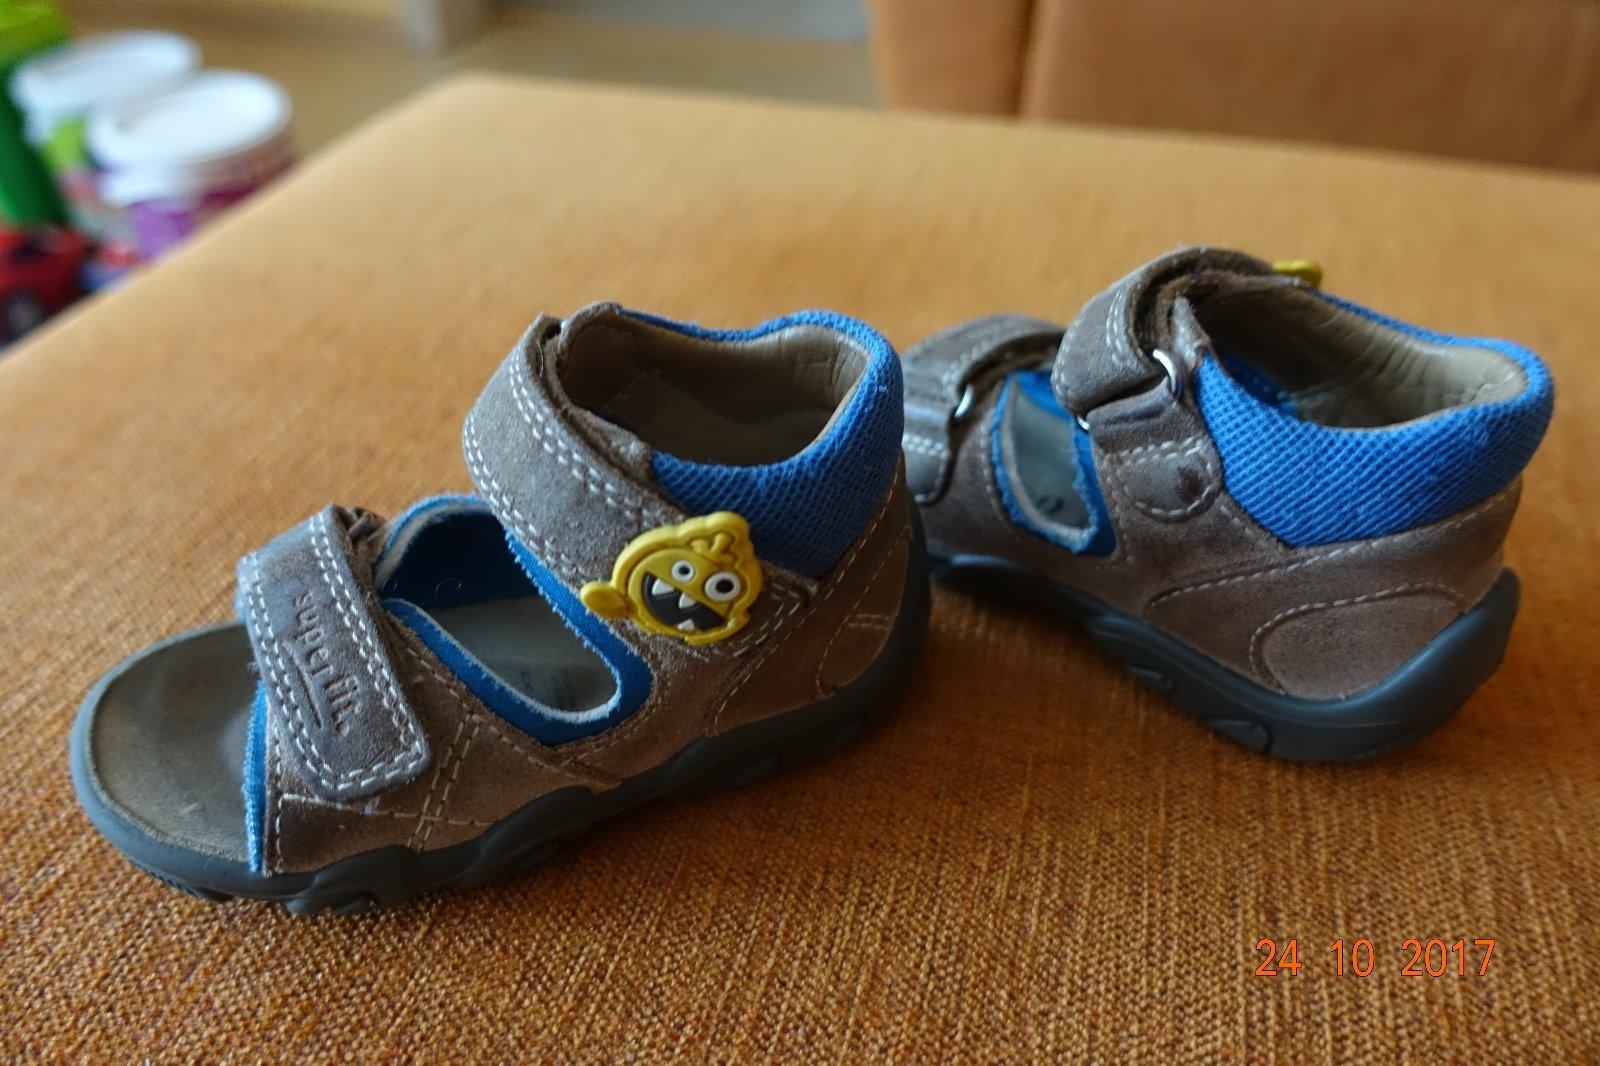 ca7f873cd14 Boty - sandále s otevřenou špičkou